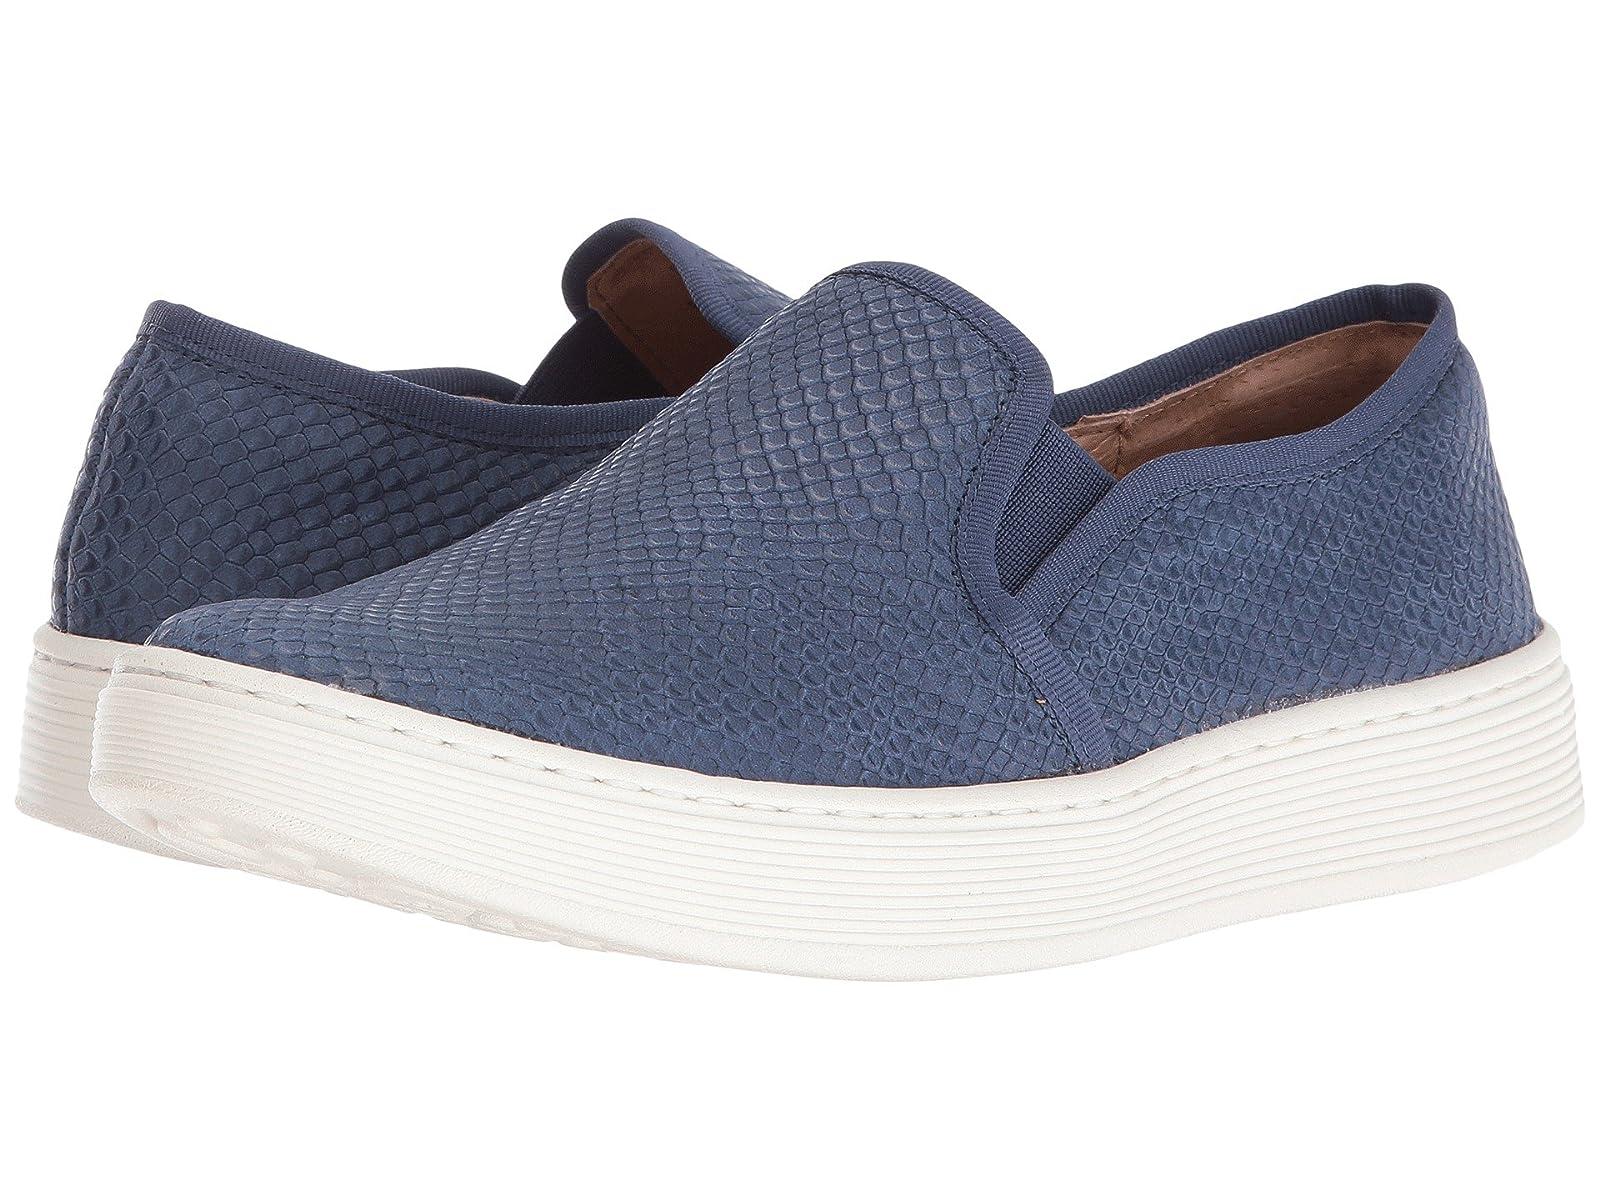 Sofft SomersAtmospheric grades have affordable shoes